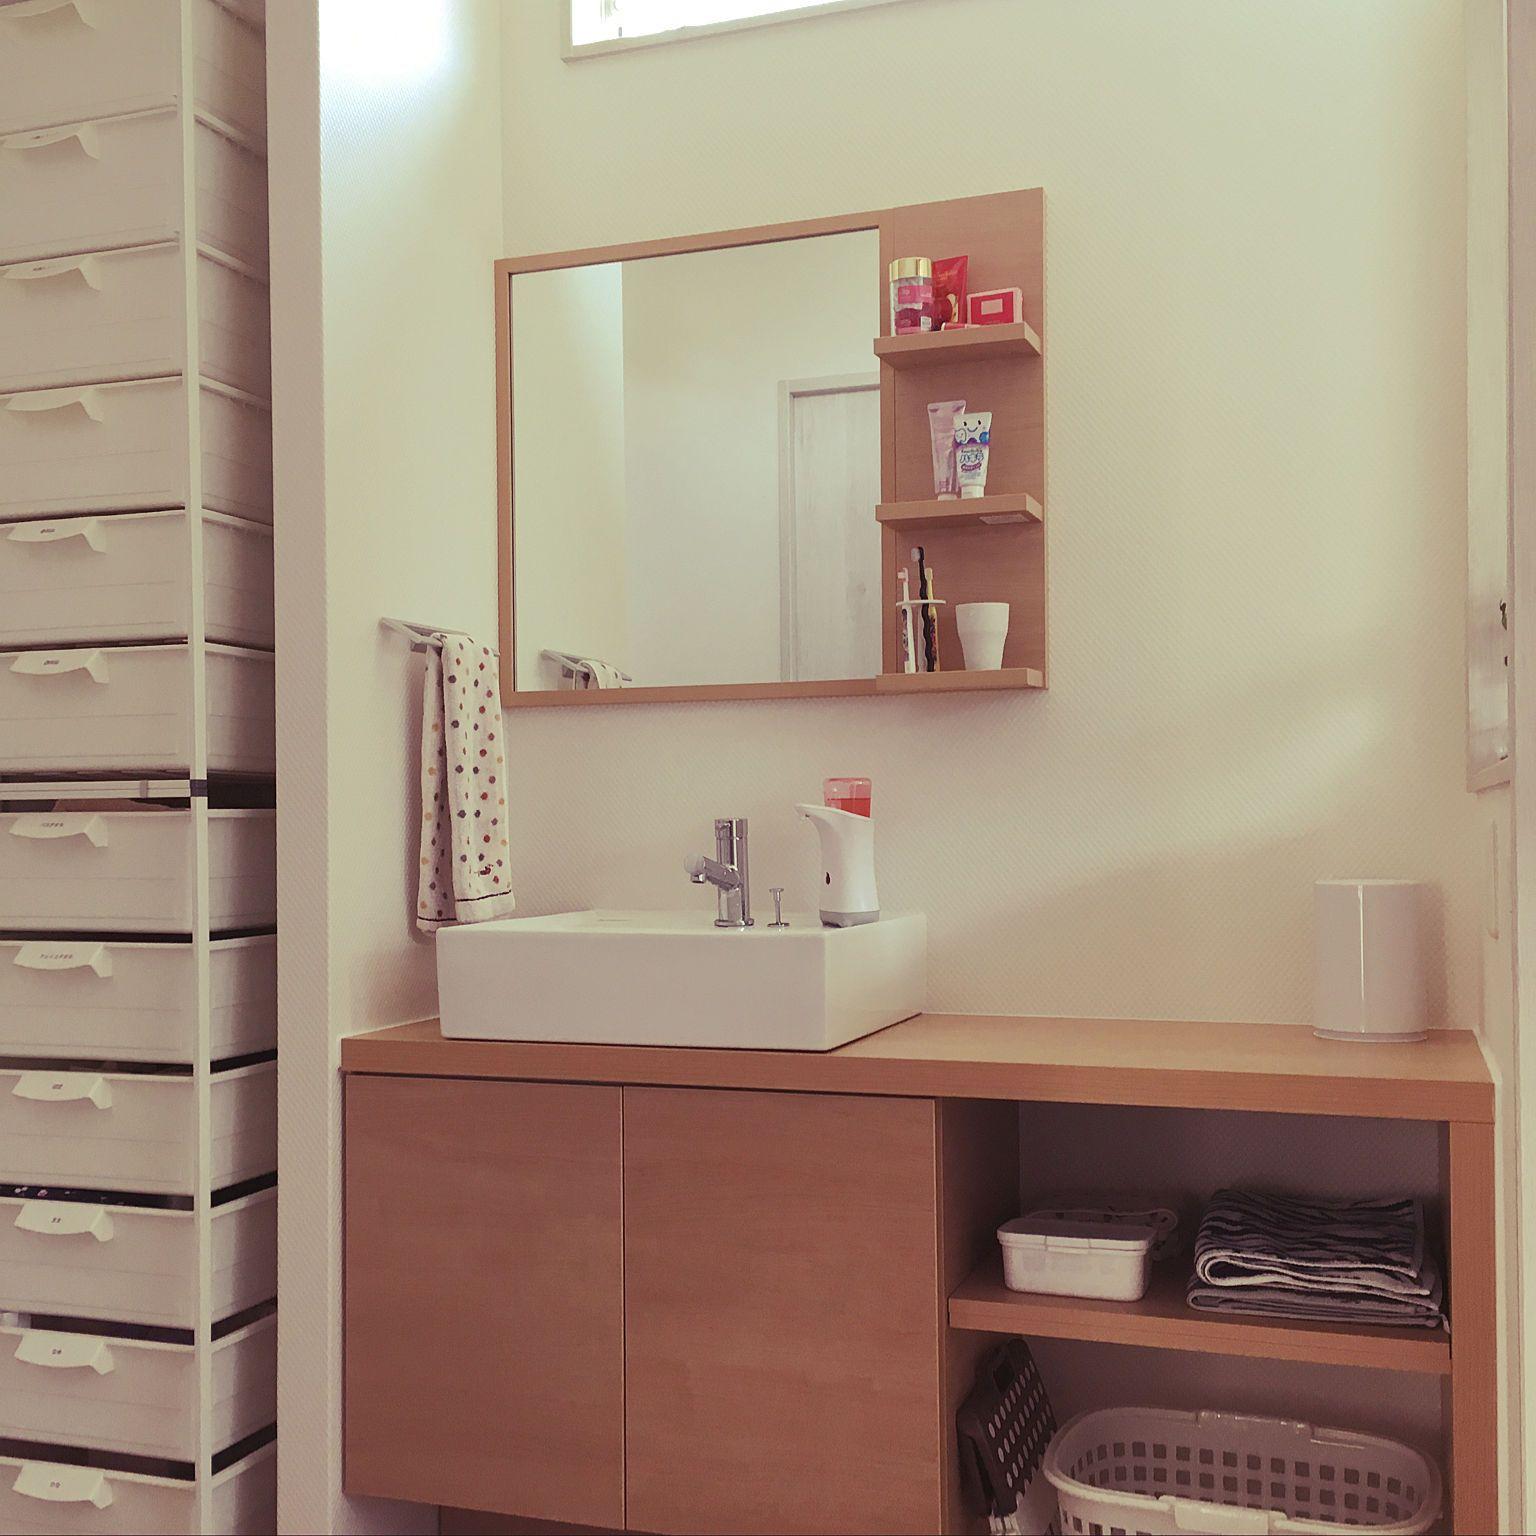 ナチュラル 洗面台 リクシル こどもと暮らす エスタ 造作風のインテリア実例 2018 01 02 00 46 40 リクシル 洗面台 造作